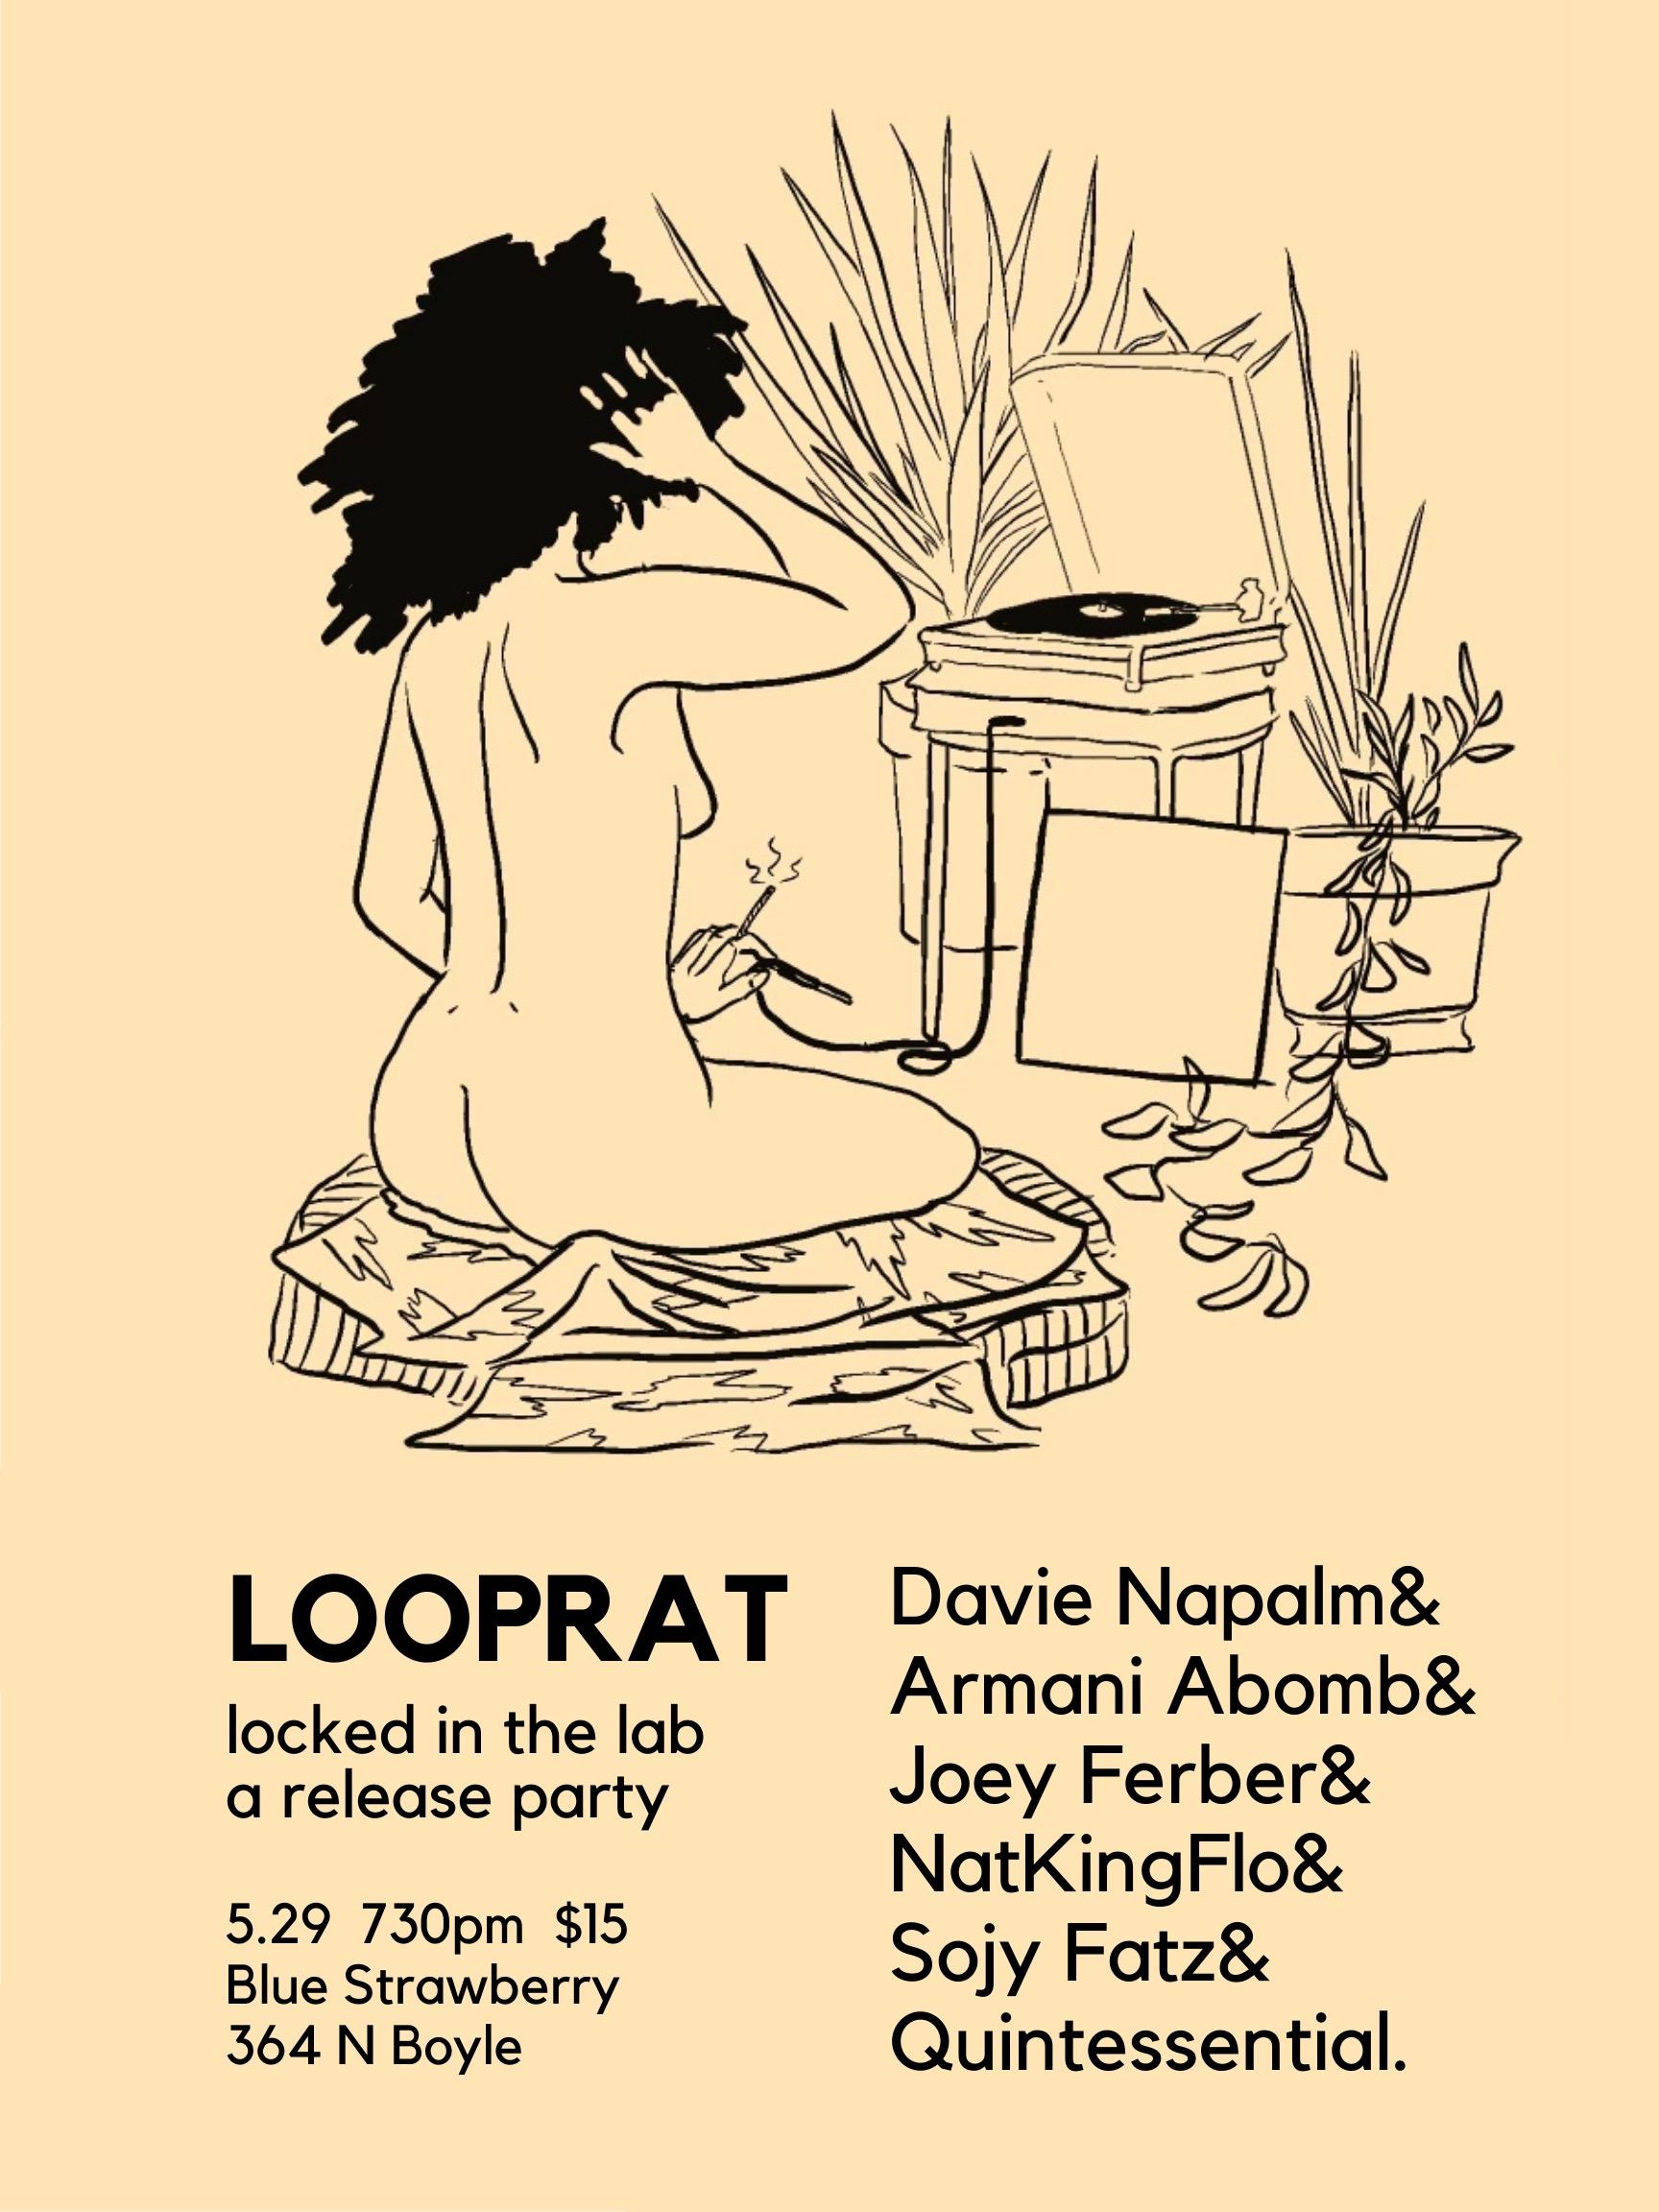 LOOPRAT